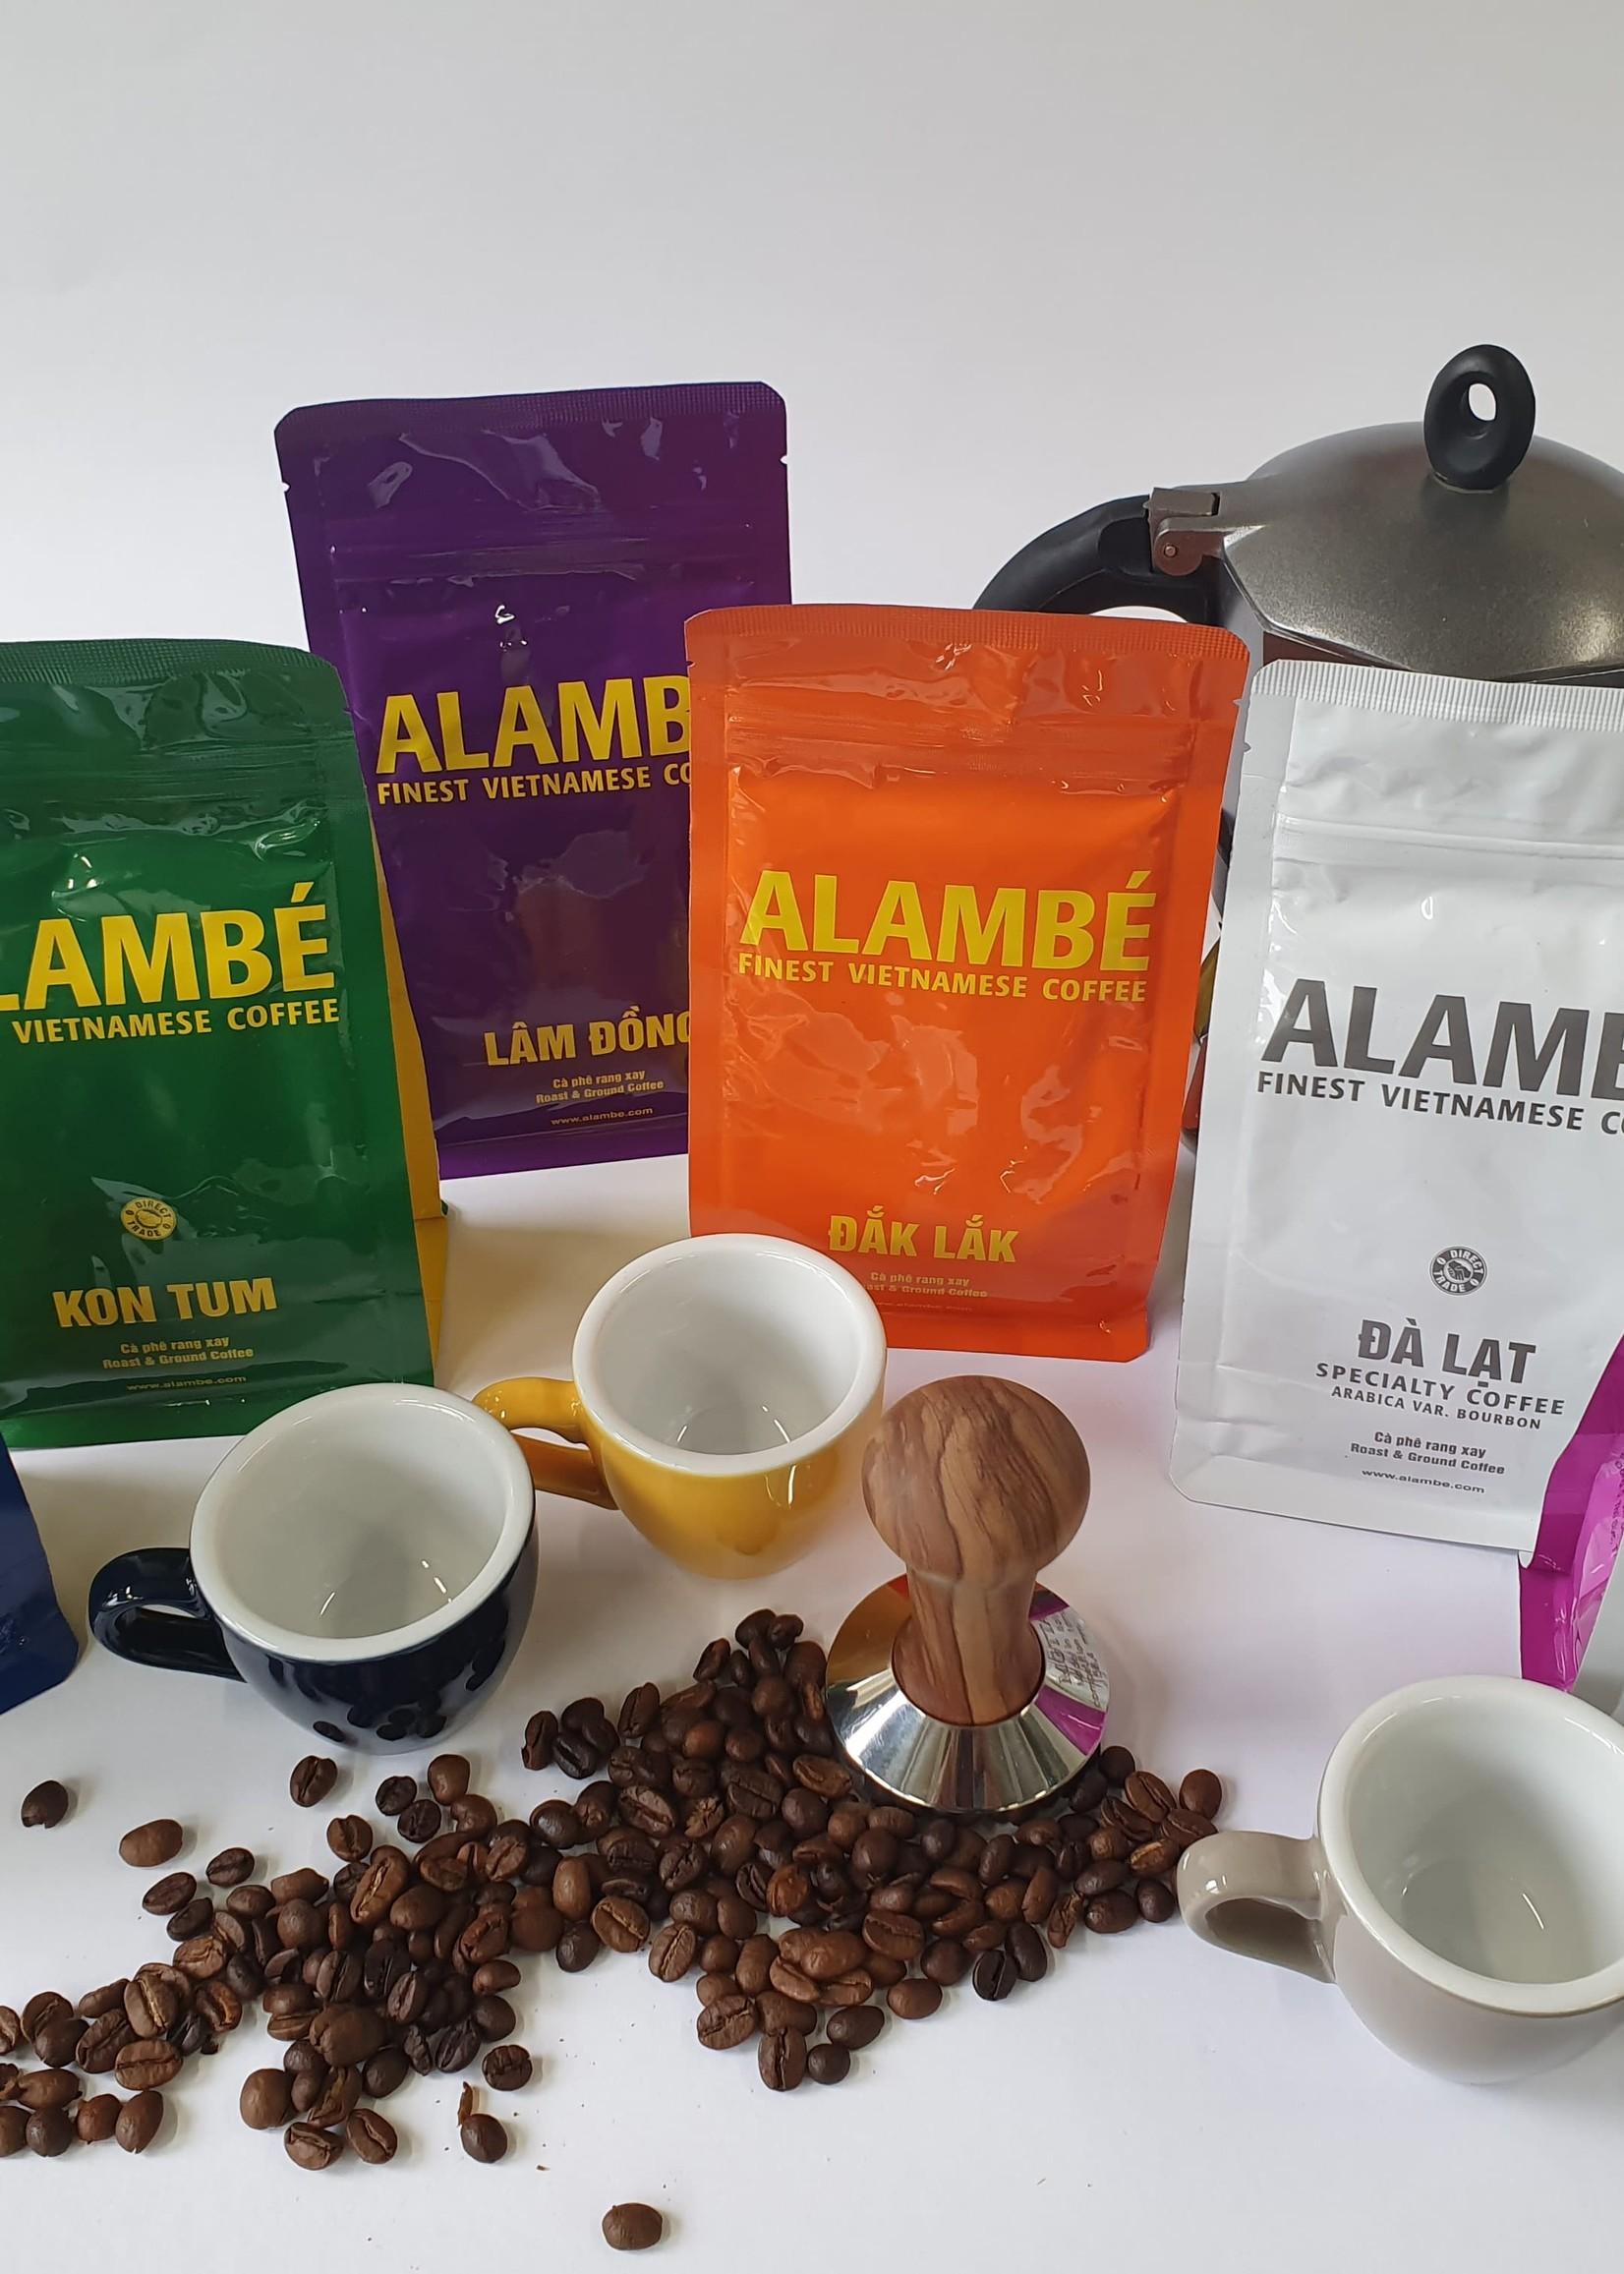 Alambé - Finest Vietnamese Coffee Le paquet de découverte du café Alambé (café en grains)